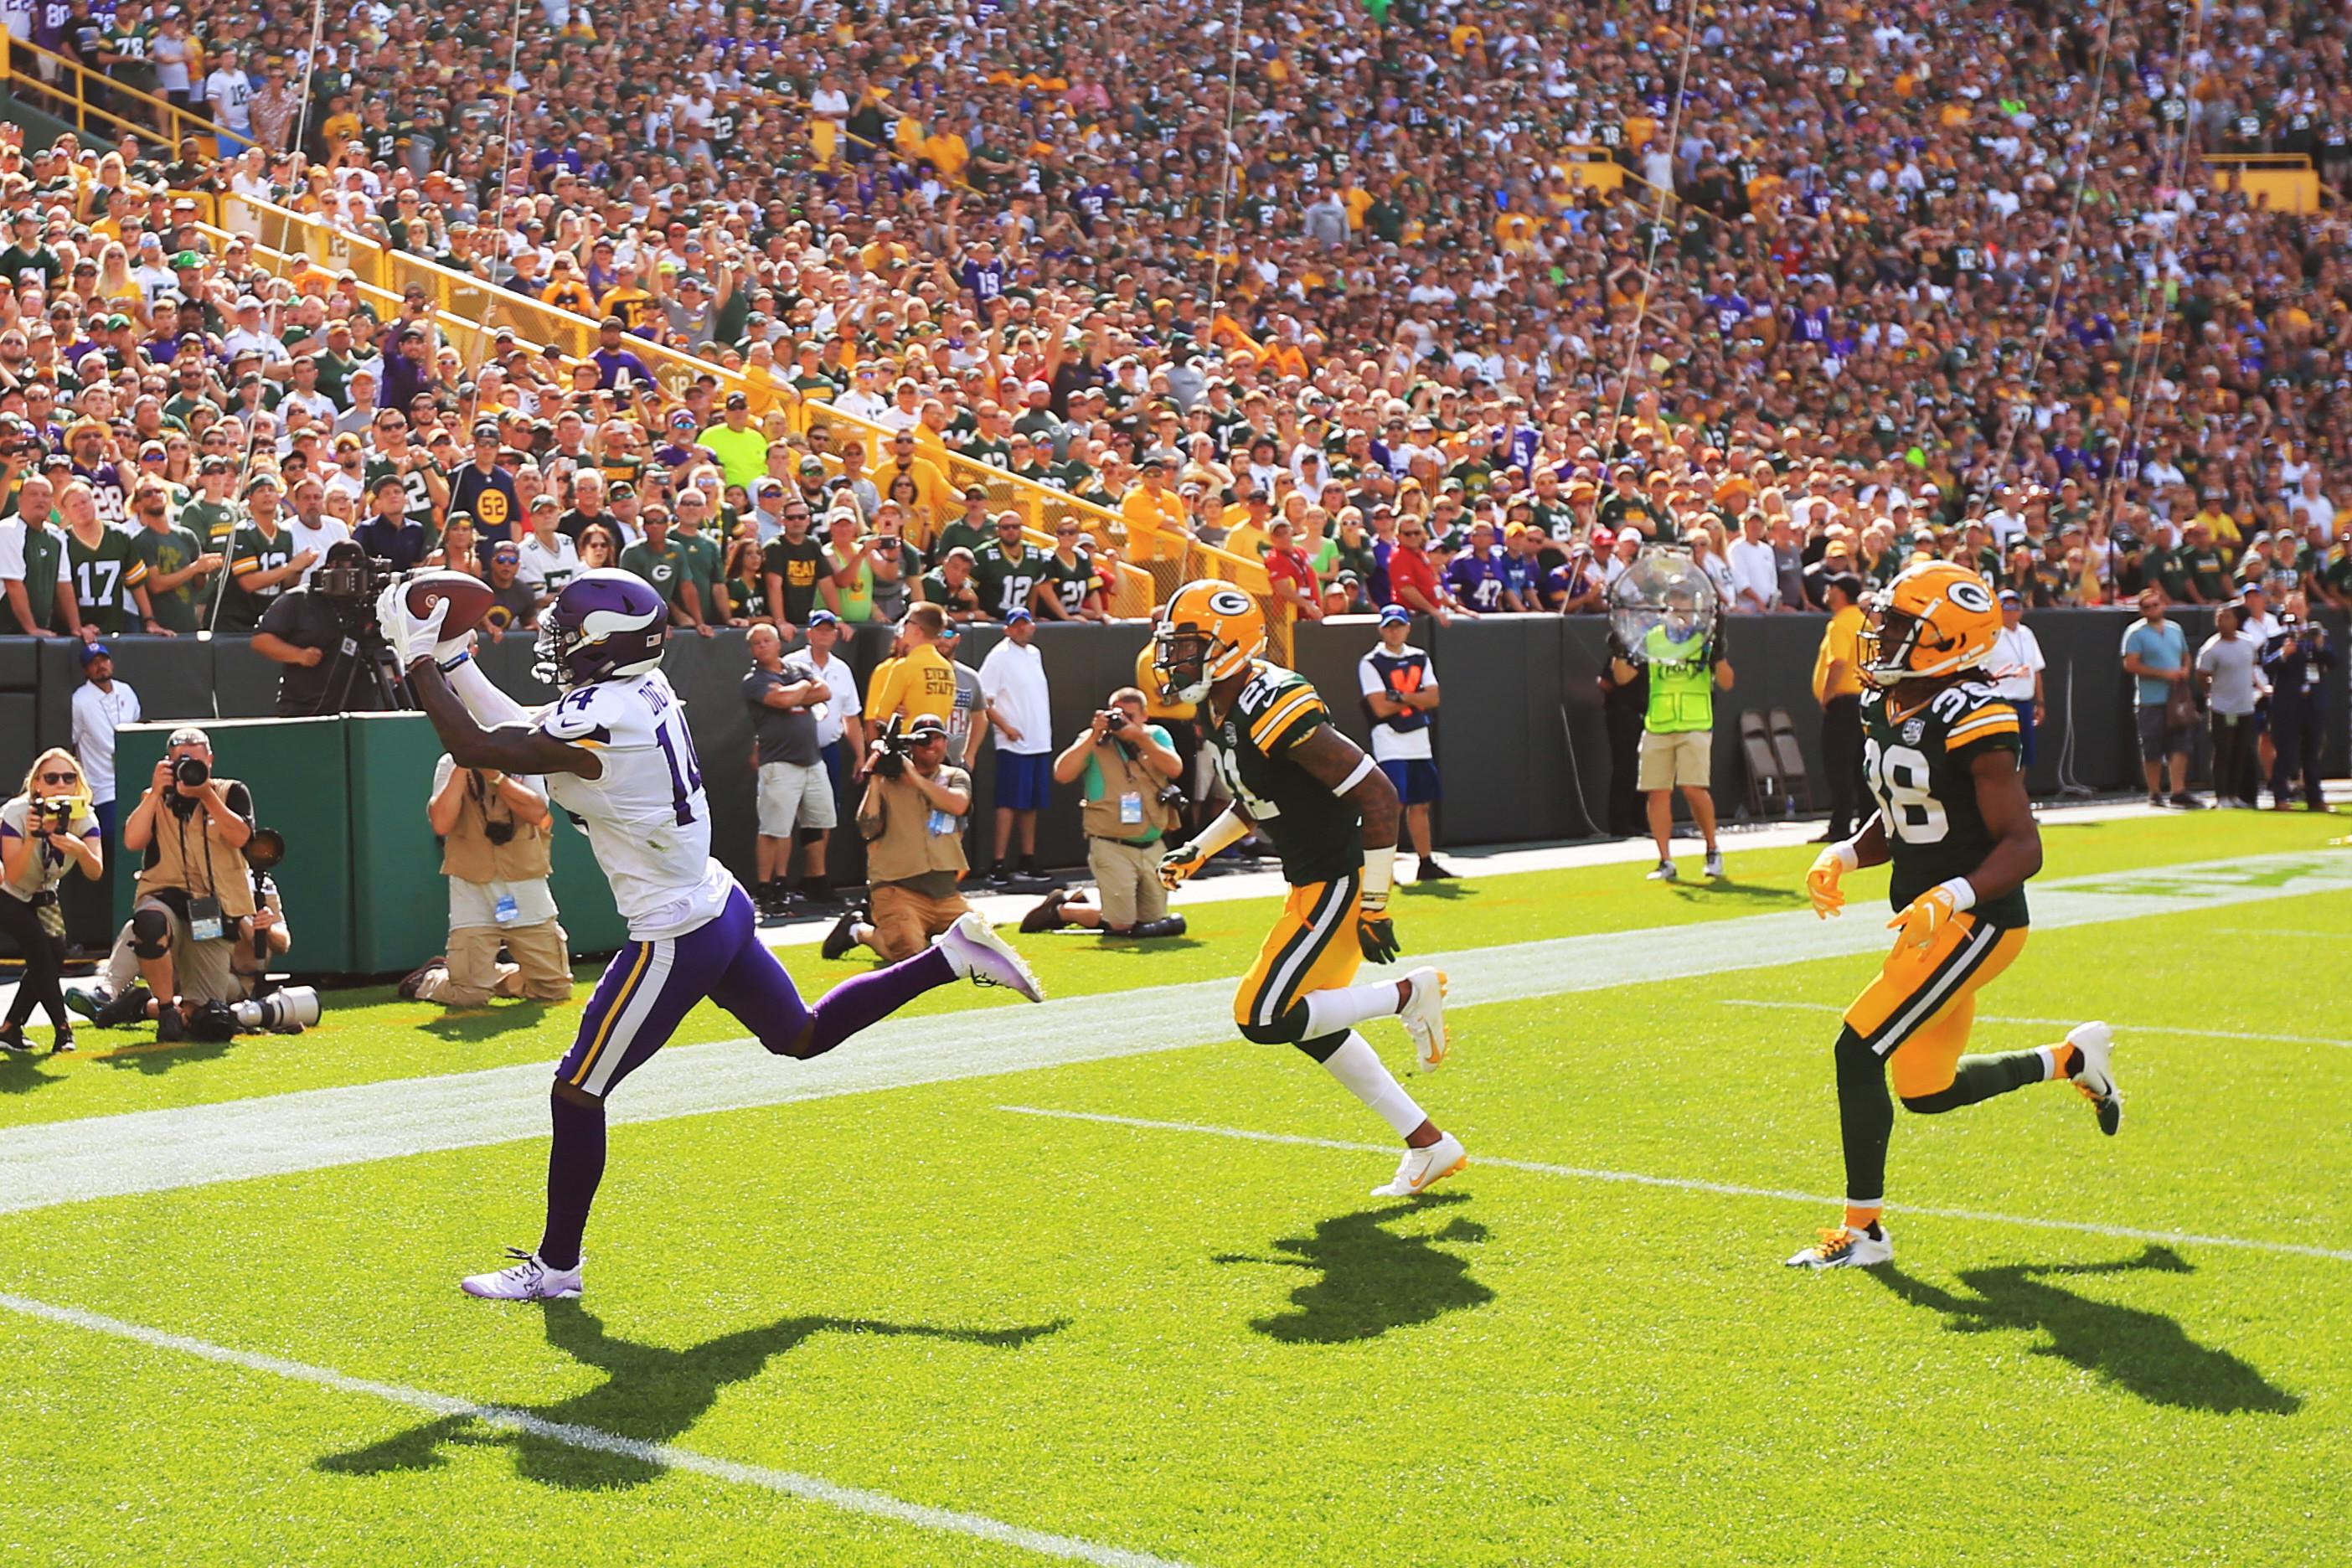 NFL: SEP 16 Vikings at Packers